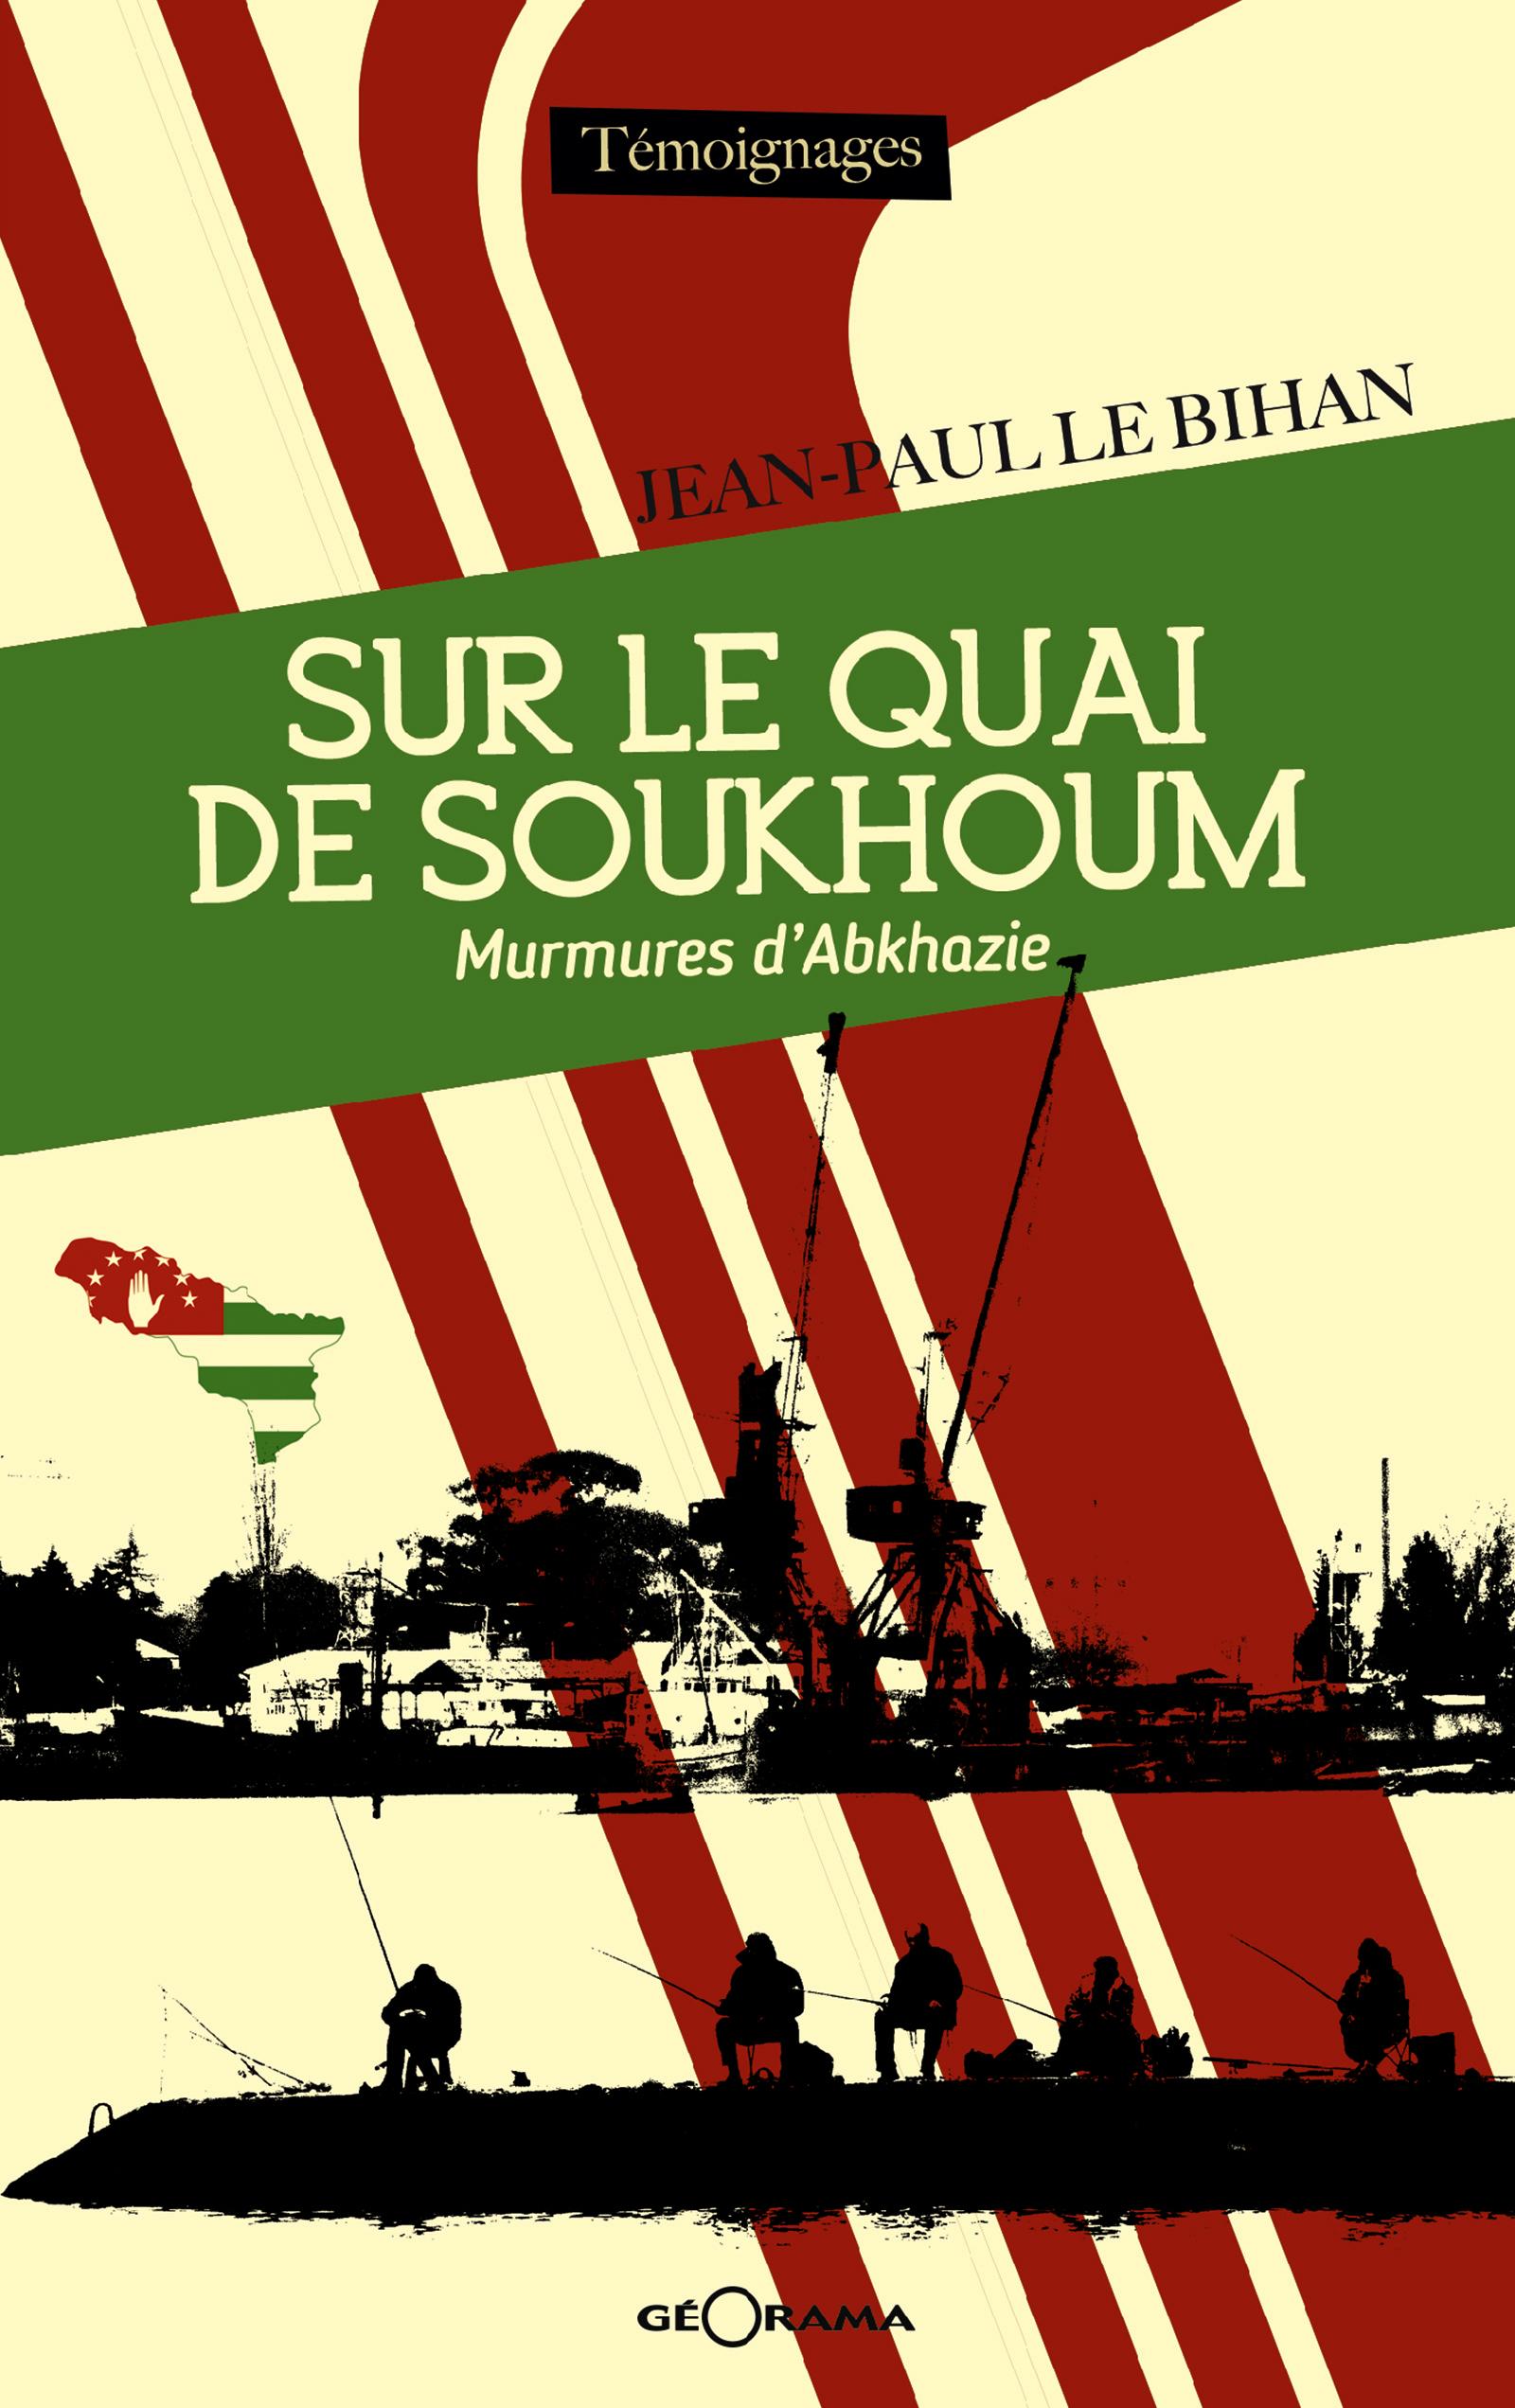 Sur le quai de Soukhoum, MURMURES D'ABKHAZIE